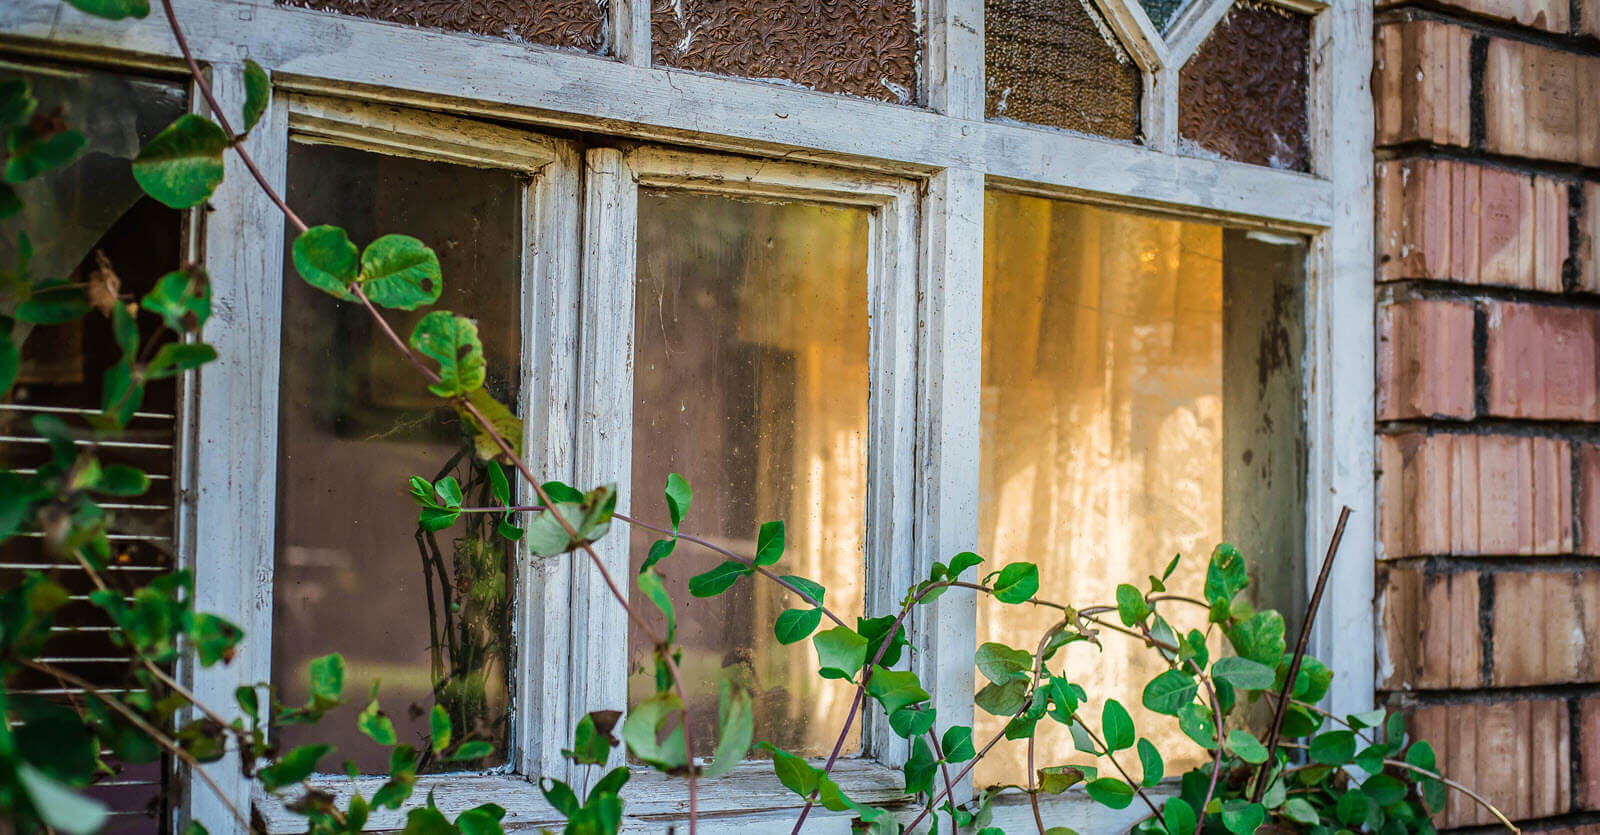 Full Size of Velux Fenster Austauschen Kosten Berechnen Altbau Haus Im Erneuern Preise 4b Wann Sind Alt Jalousie Innen Konfigurator Sichtschutz Für Sonnenschutzfolie Fenster Fenster Erneuern Kosten